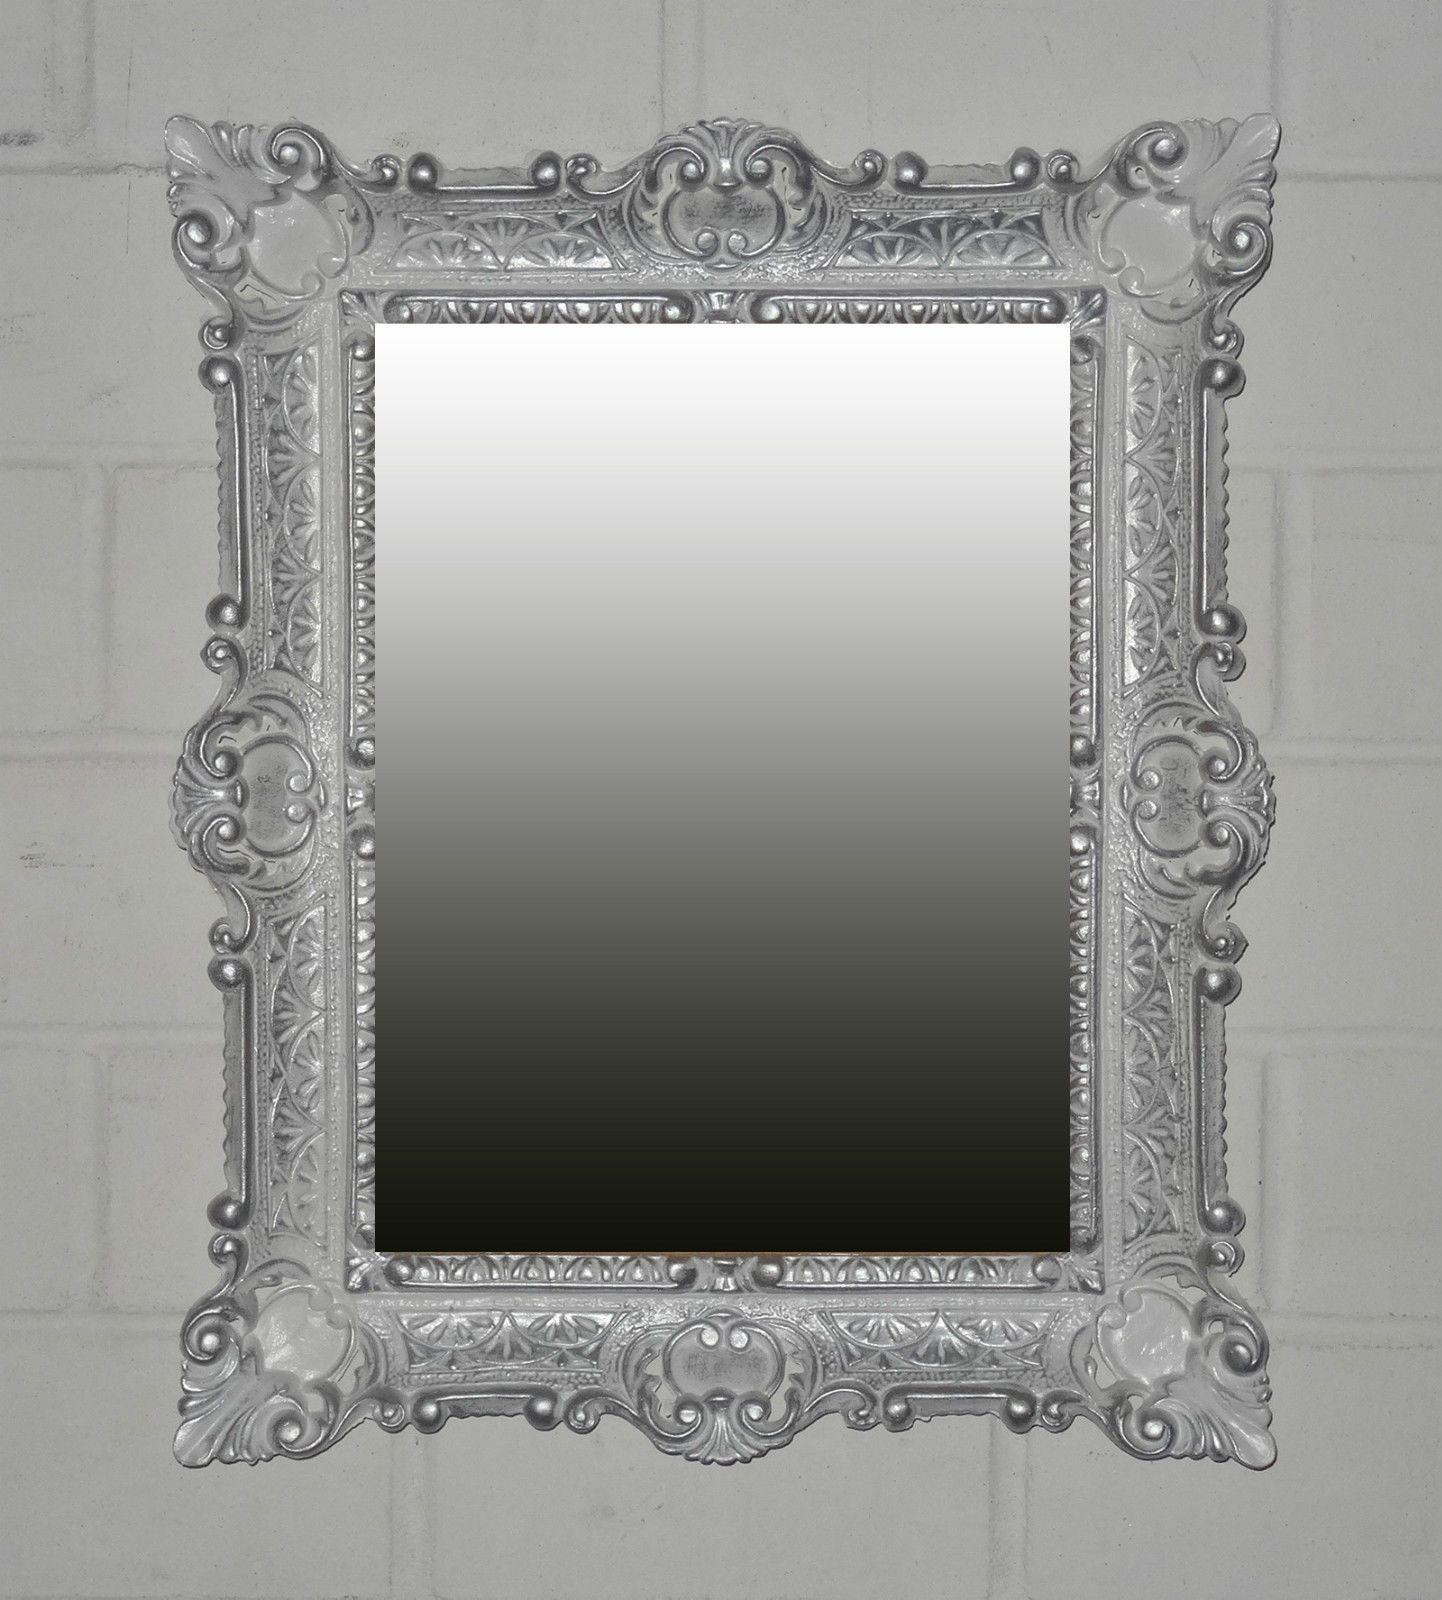 die besten 25 wandspiegel silber ideen auf pinterest spiegel silber spiegel wanddekorationen. Black Bedroom Furniture Sets. Home Design Ideas